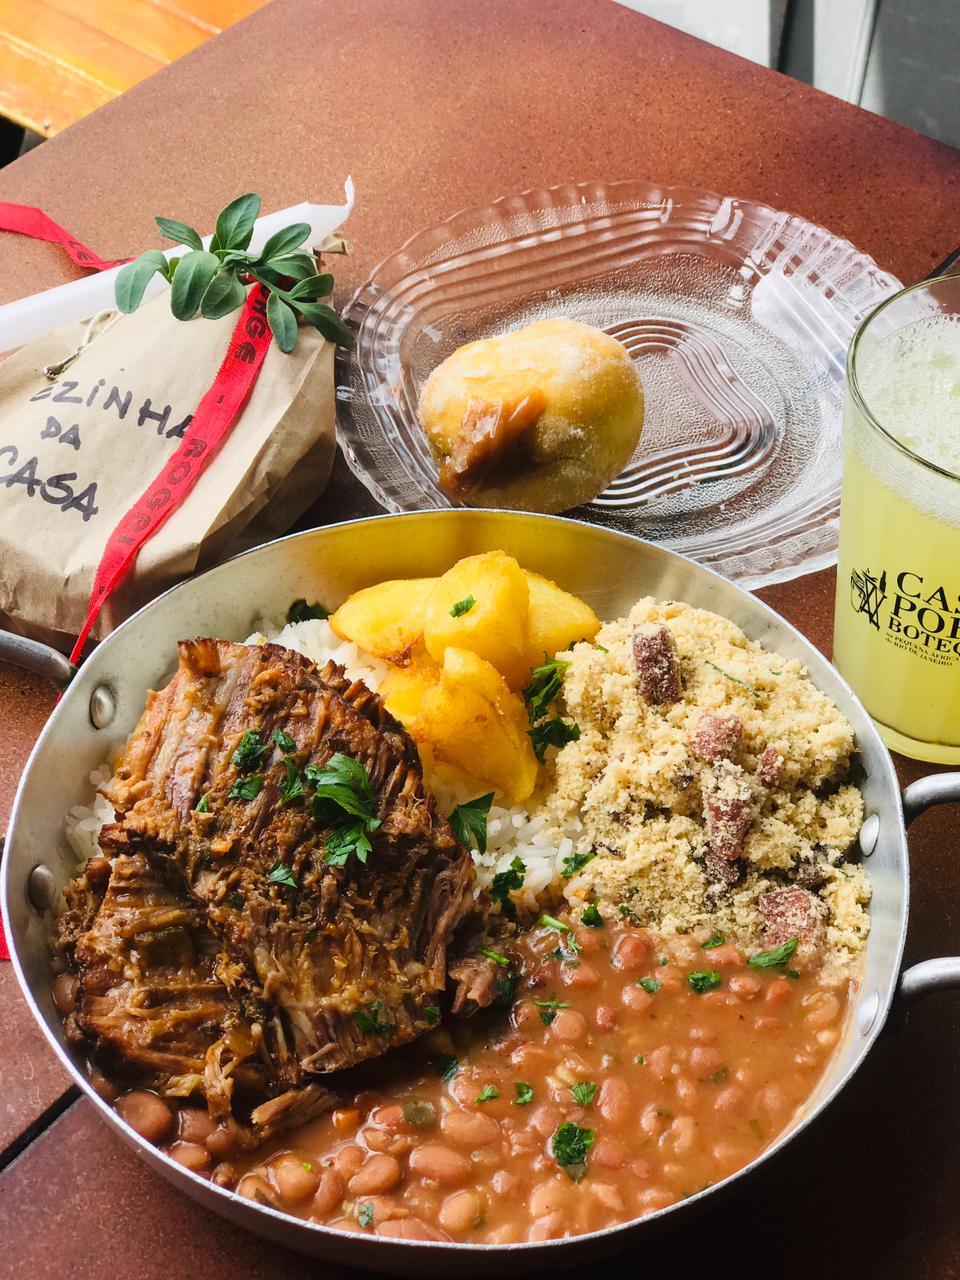 Prato com farofa, arroz, feijão, carne